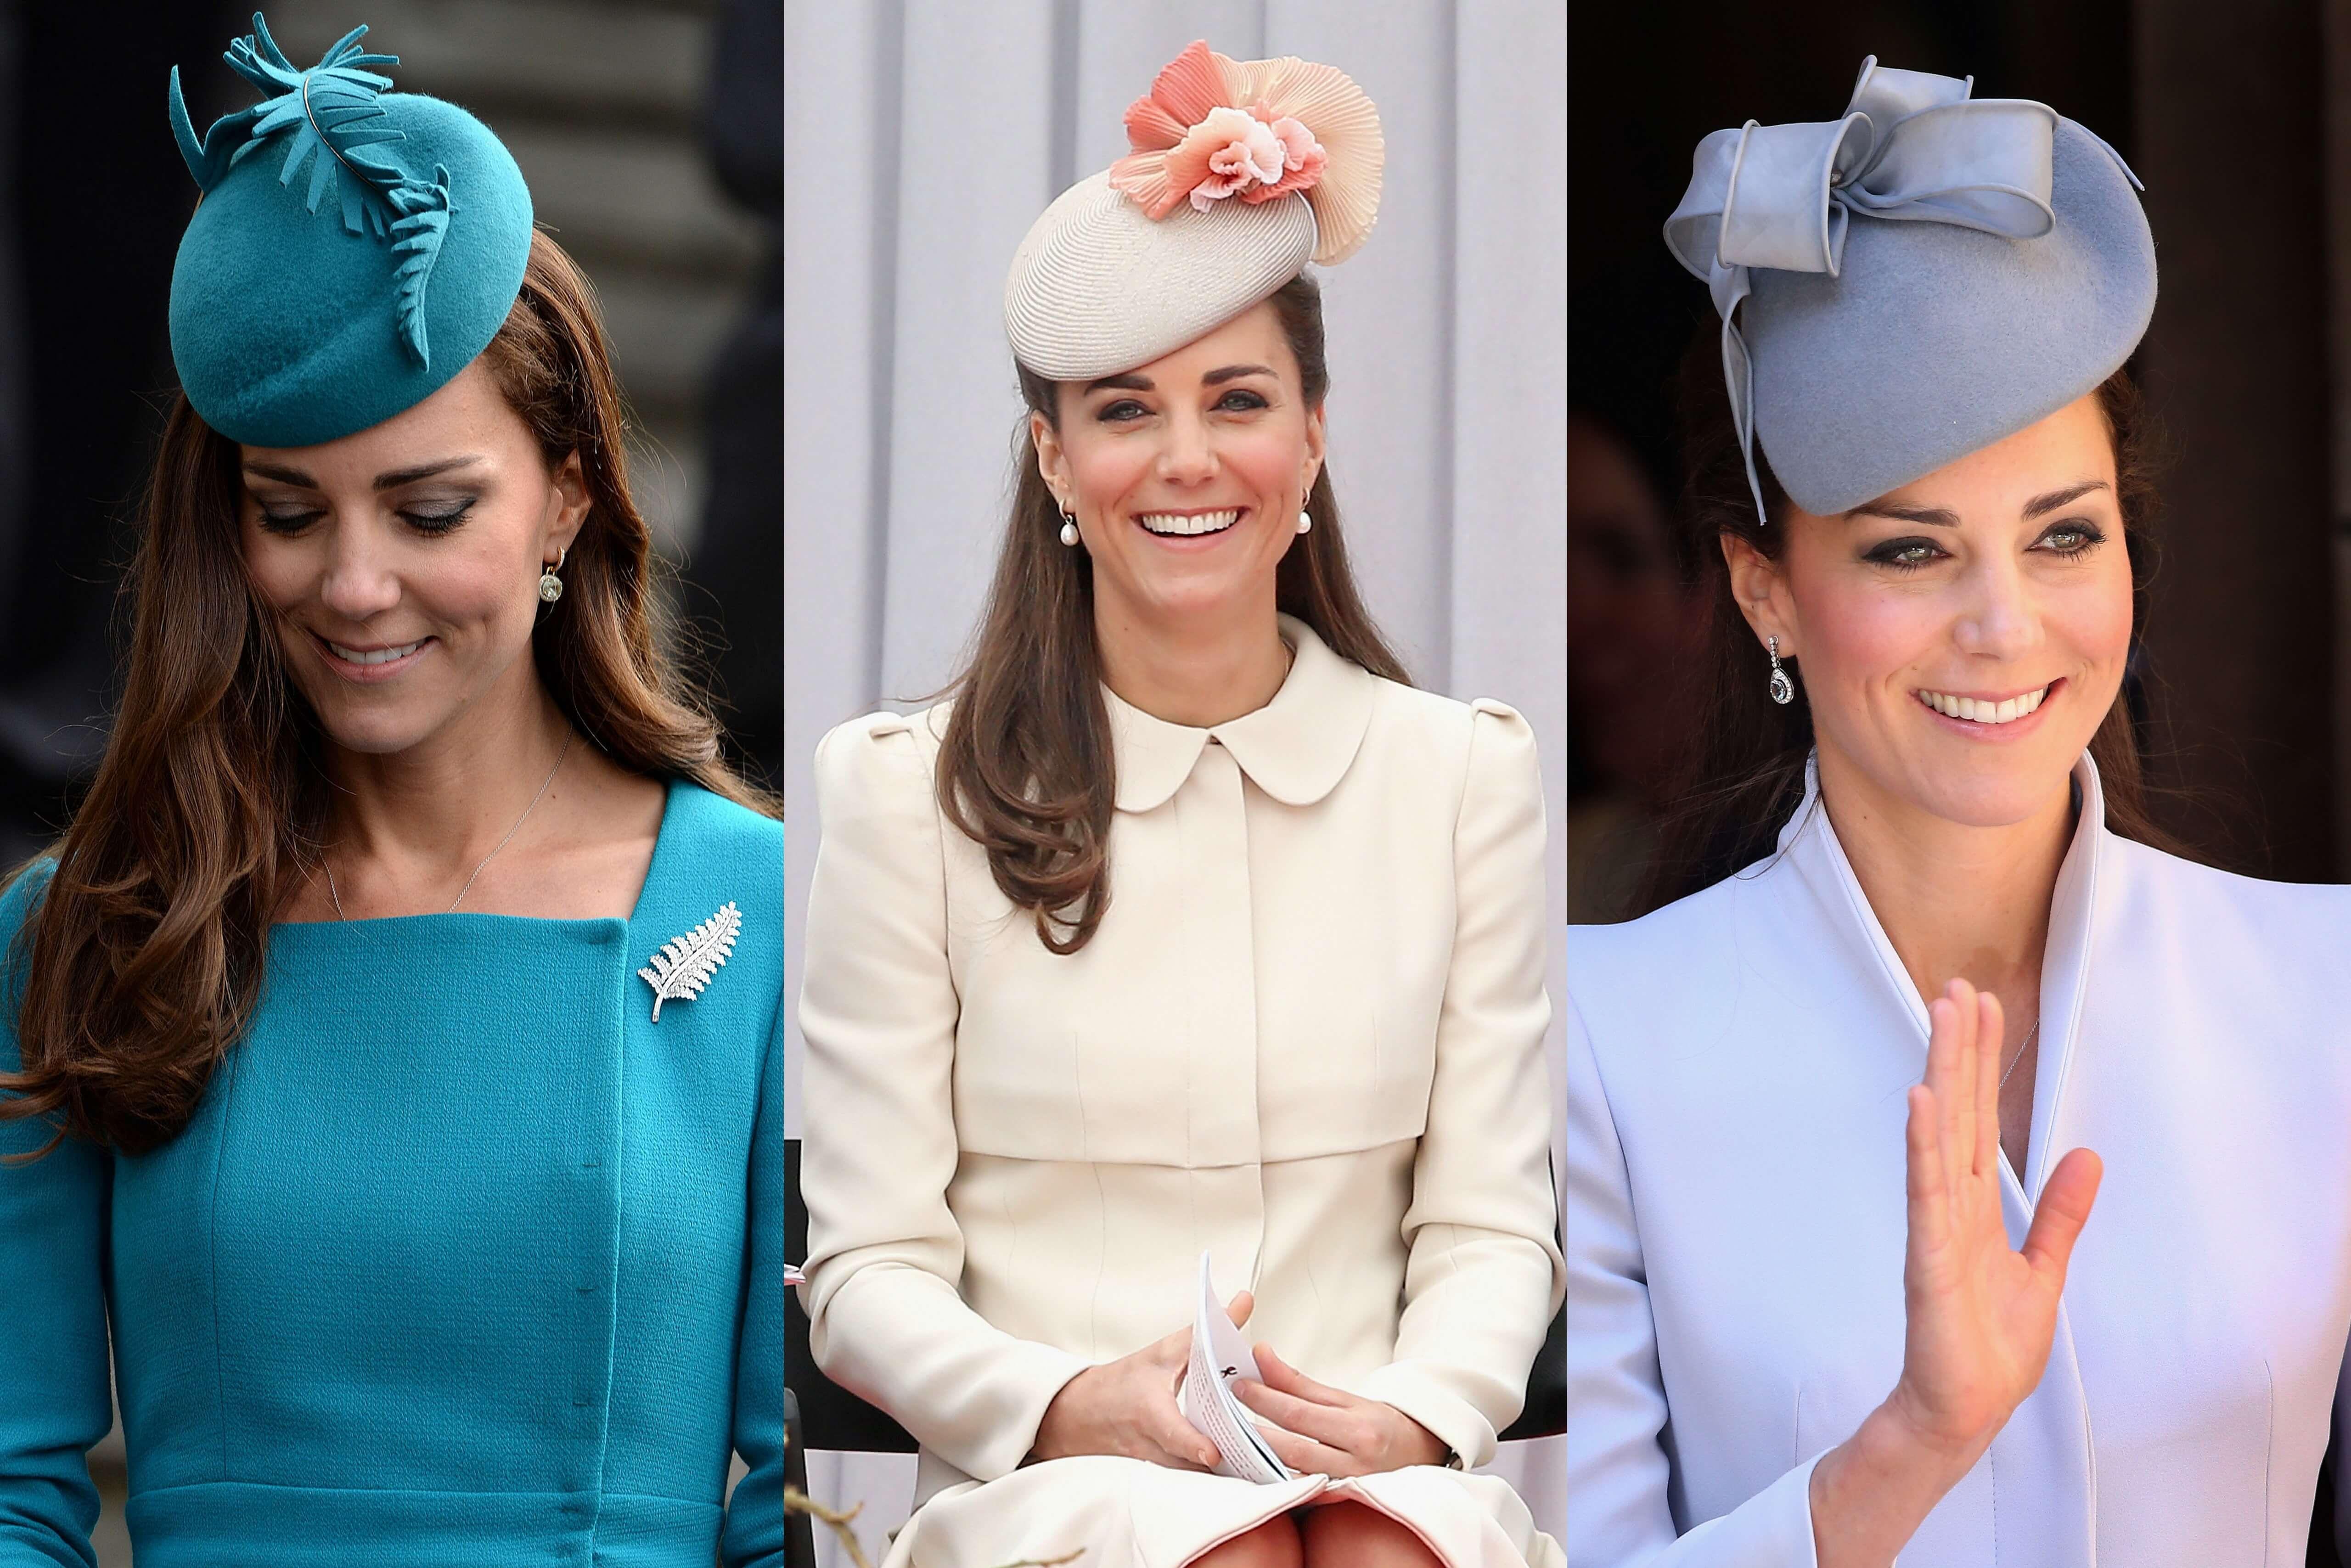 Ternyata Gaya Kate Middleton Mudah Ditiru Loh. Yuk Intip!